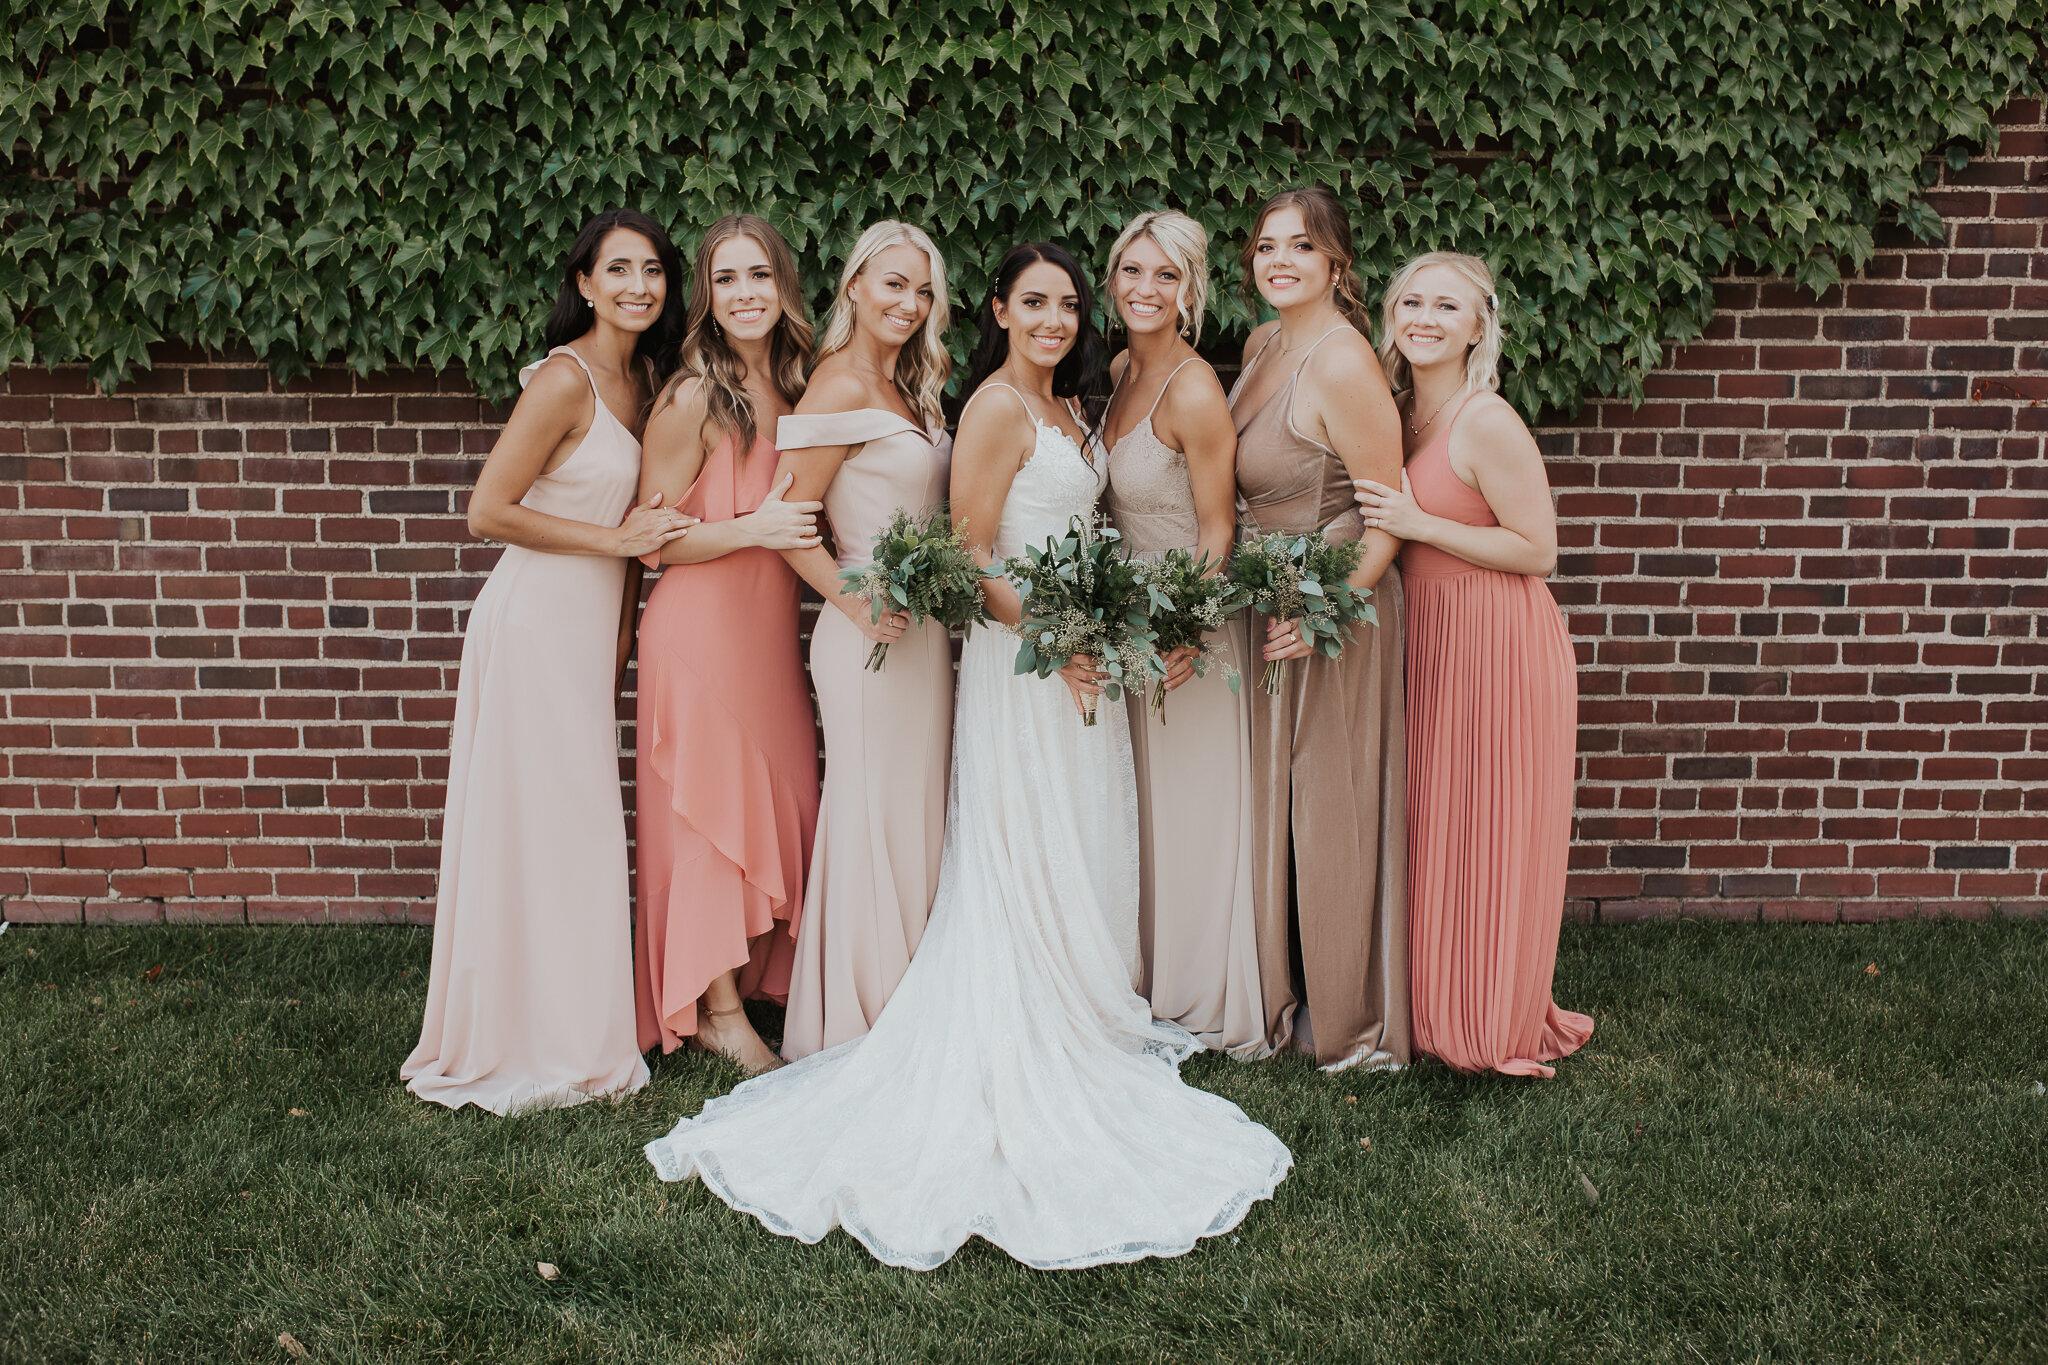 KirstenMatt-Wedding-24.jpg